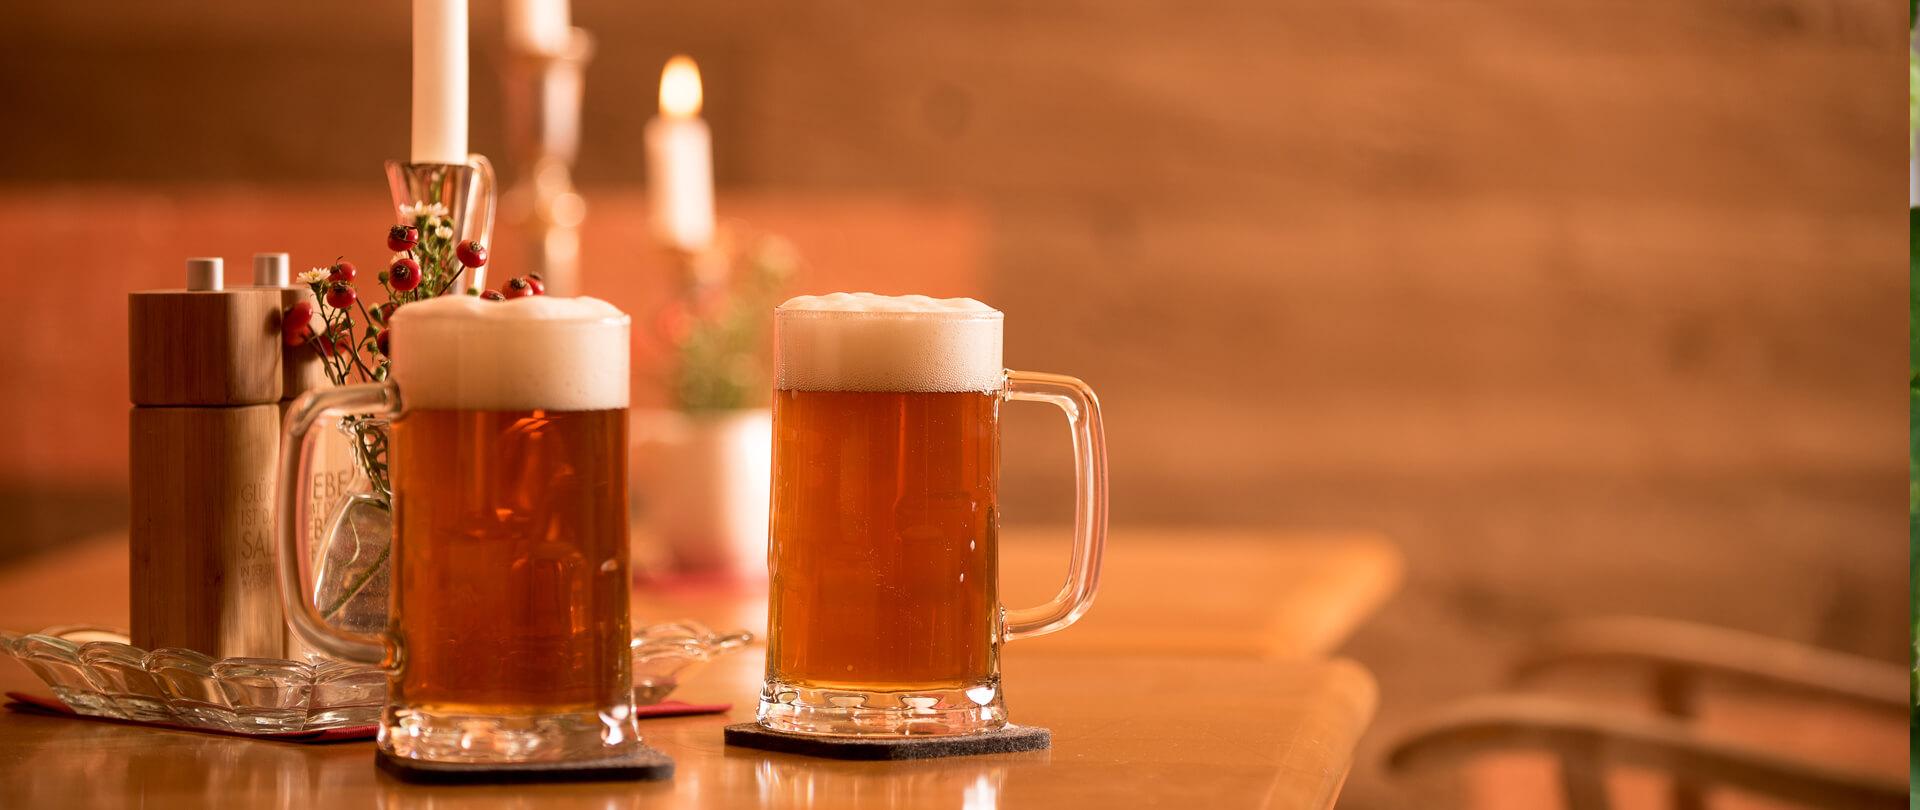 Garmischer Hof Bierbrauerei Local Garmisch Bier